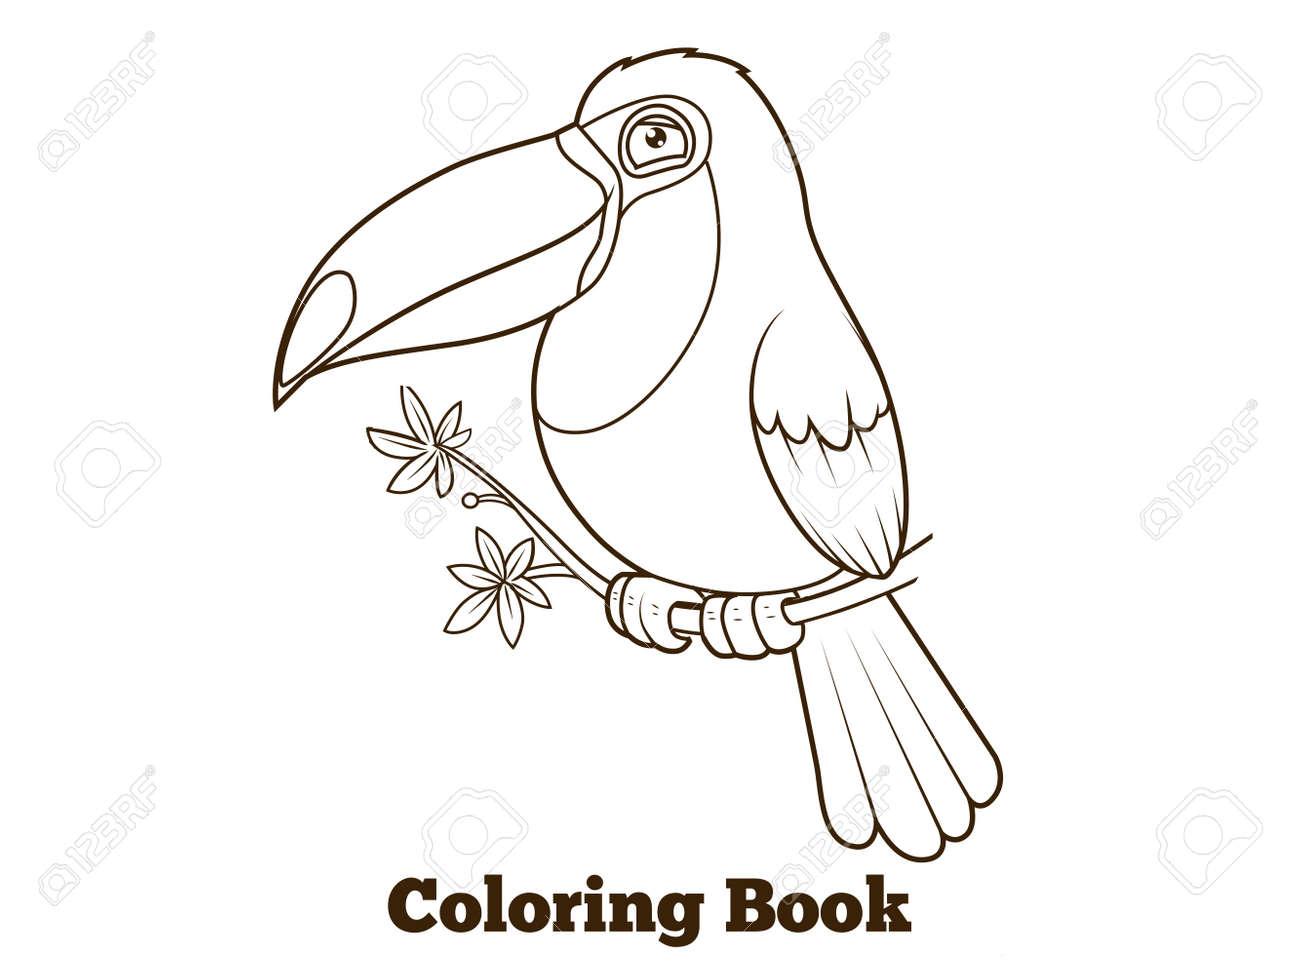 Libro Para Colorear La Historieta Del Pájaro De Toucan Líneas Negras ...